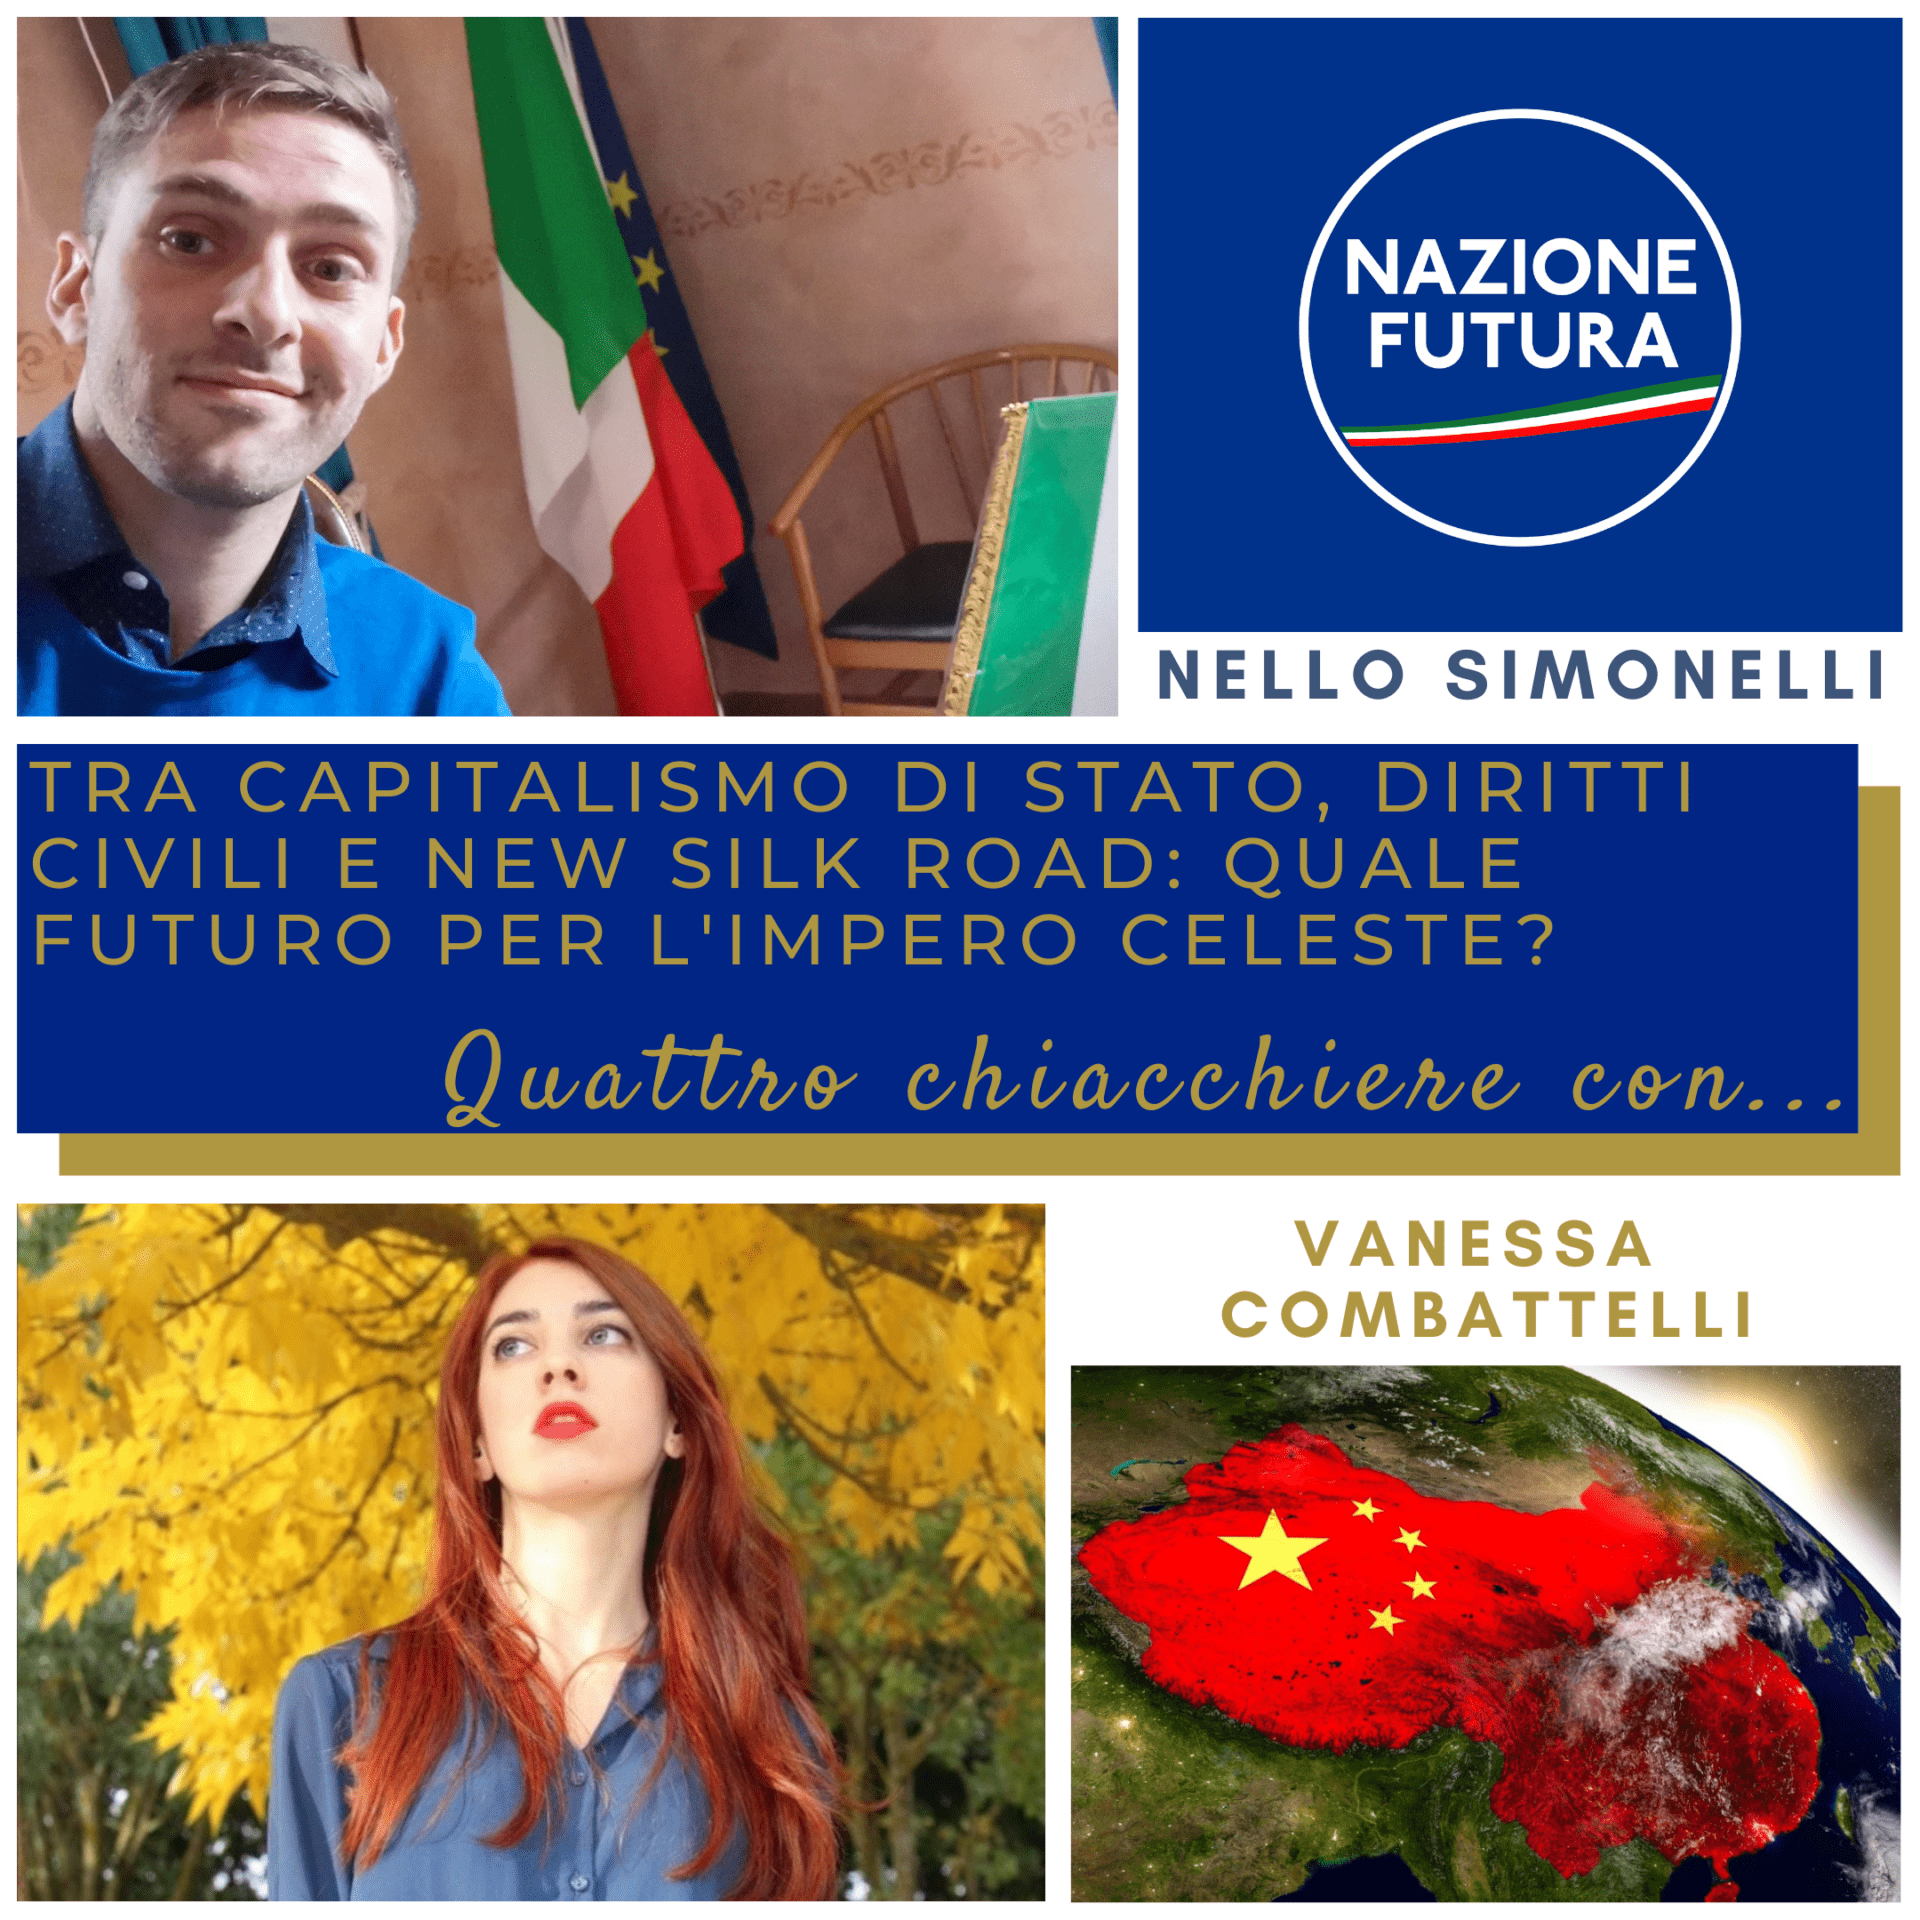 """""""Tra capitalismo di Stato, diritti civili e New Silk Road: quale futuro per l'Impero Celeste?"""", Nello Simonelli (Nazione Futura) ospita Vanessa Combattelli"""